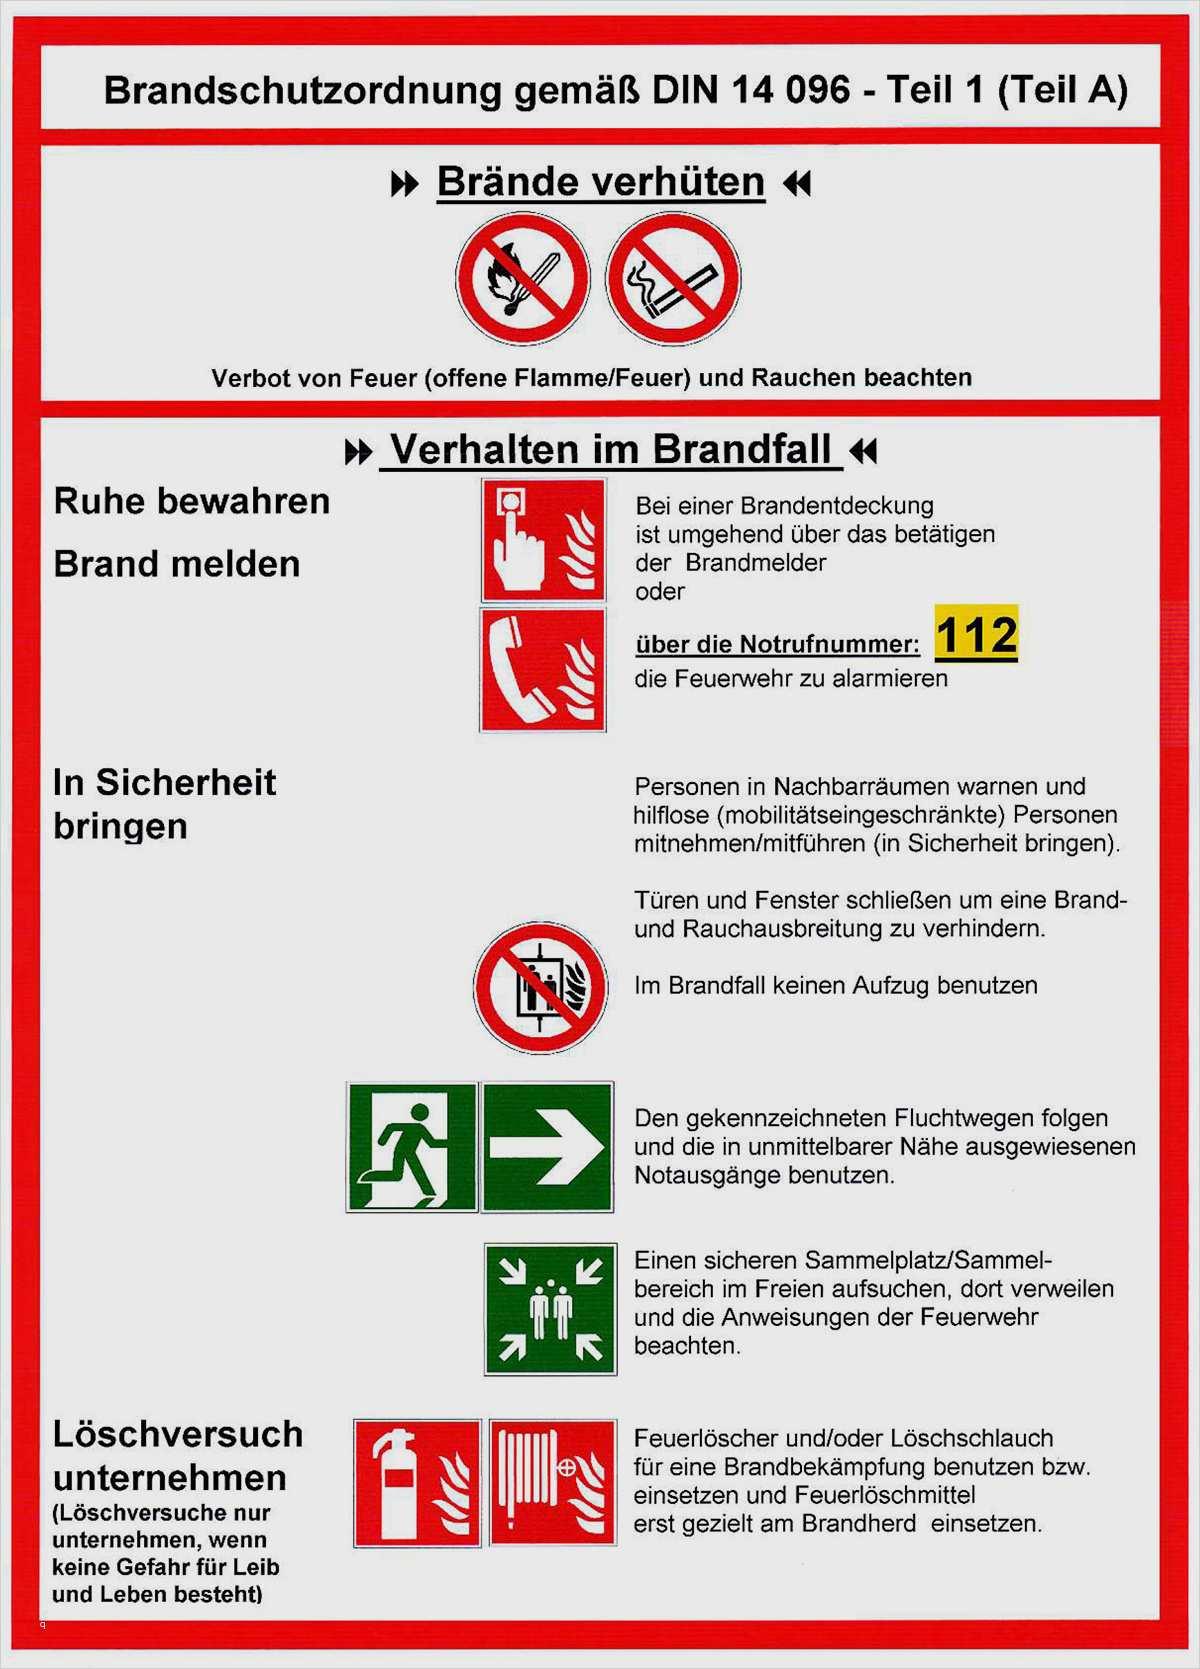 Brandschutzordnung Teil A Vorlage 14 Elegant